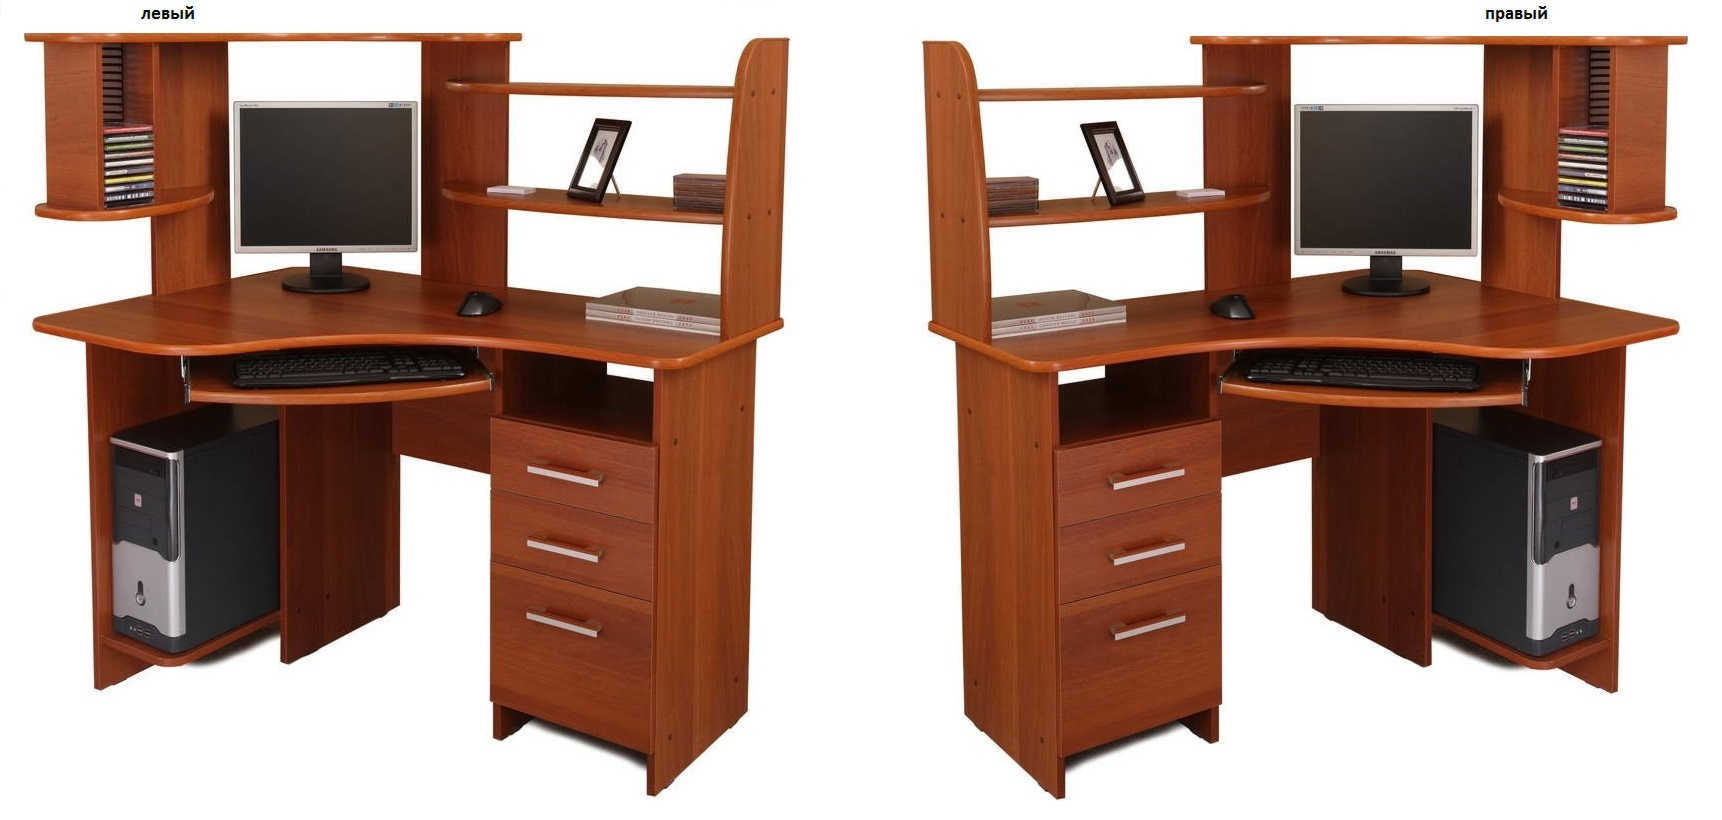 Компьютерный-стол-СК-8